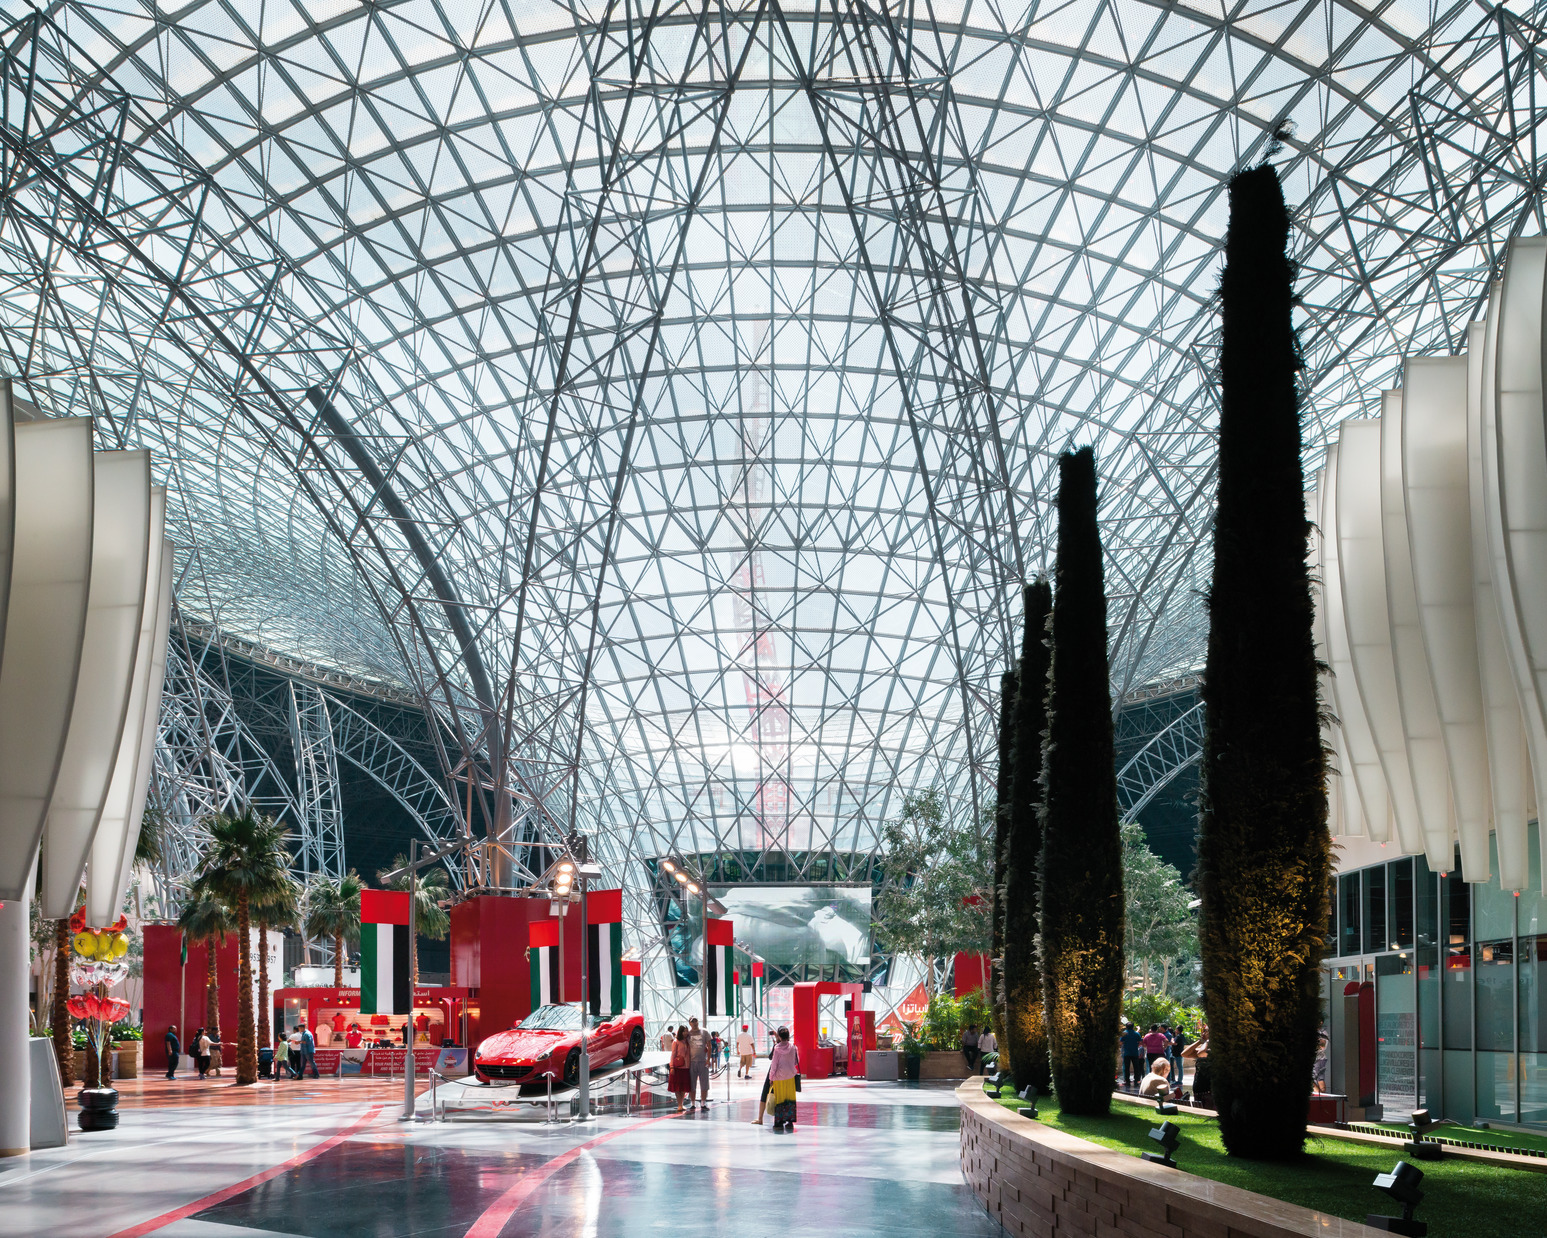 Ferrari World Abu Dhabi Benoy Archdaily